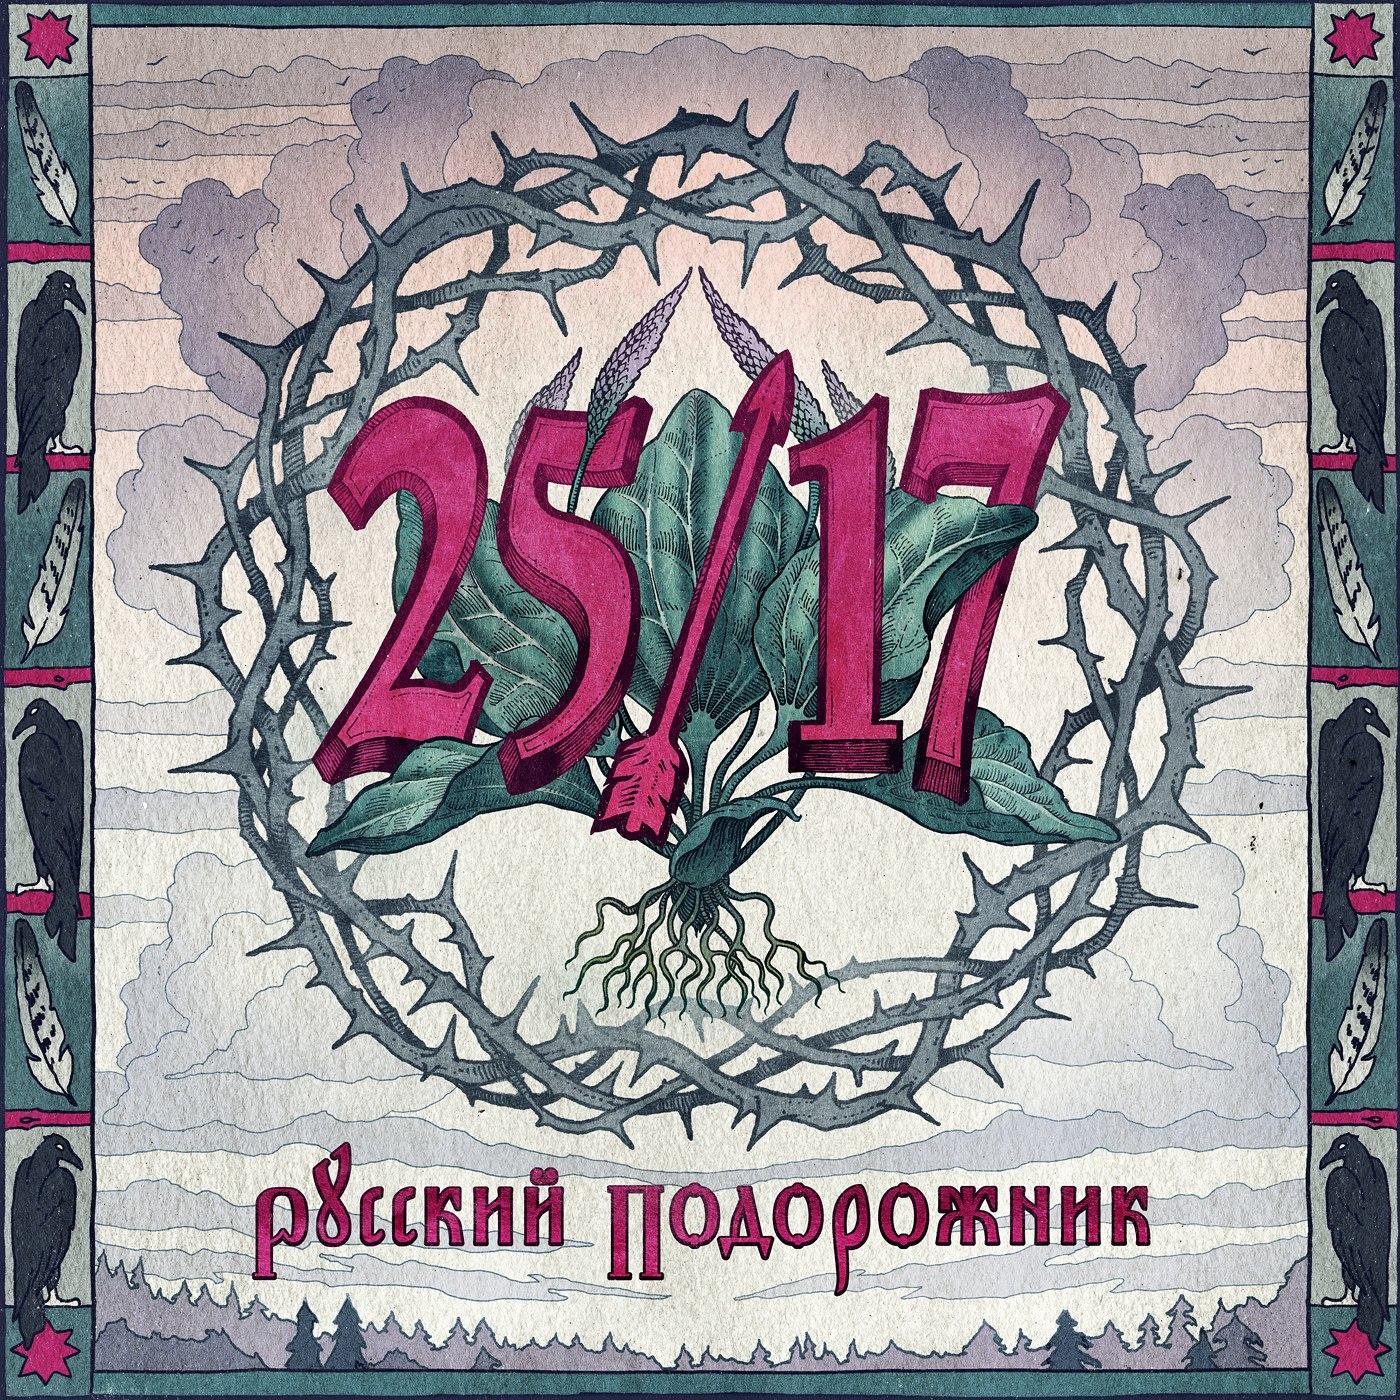 2517 все альбомы торрент remontkktm.